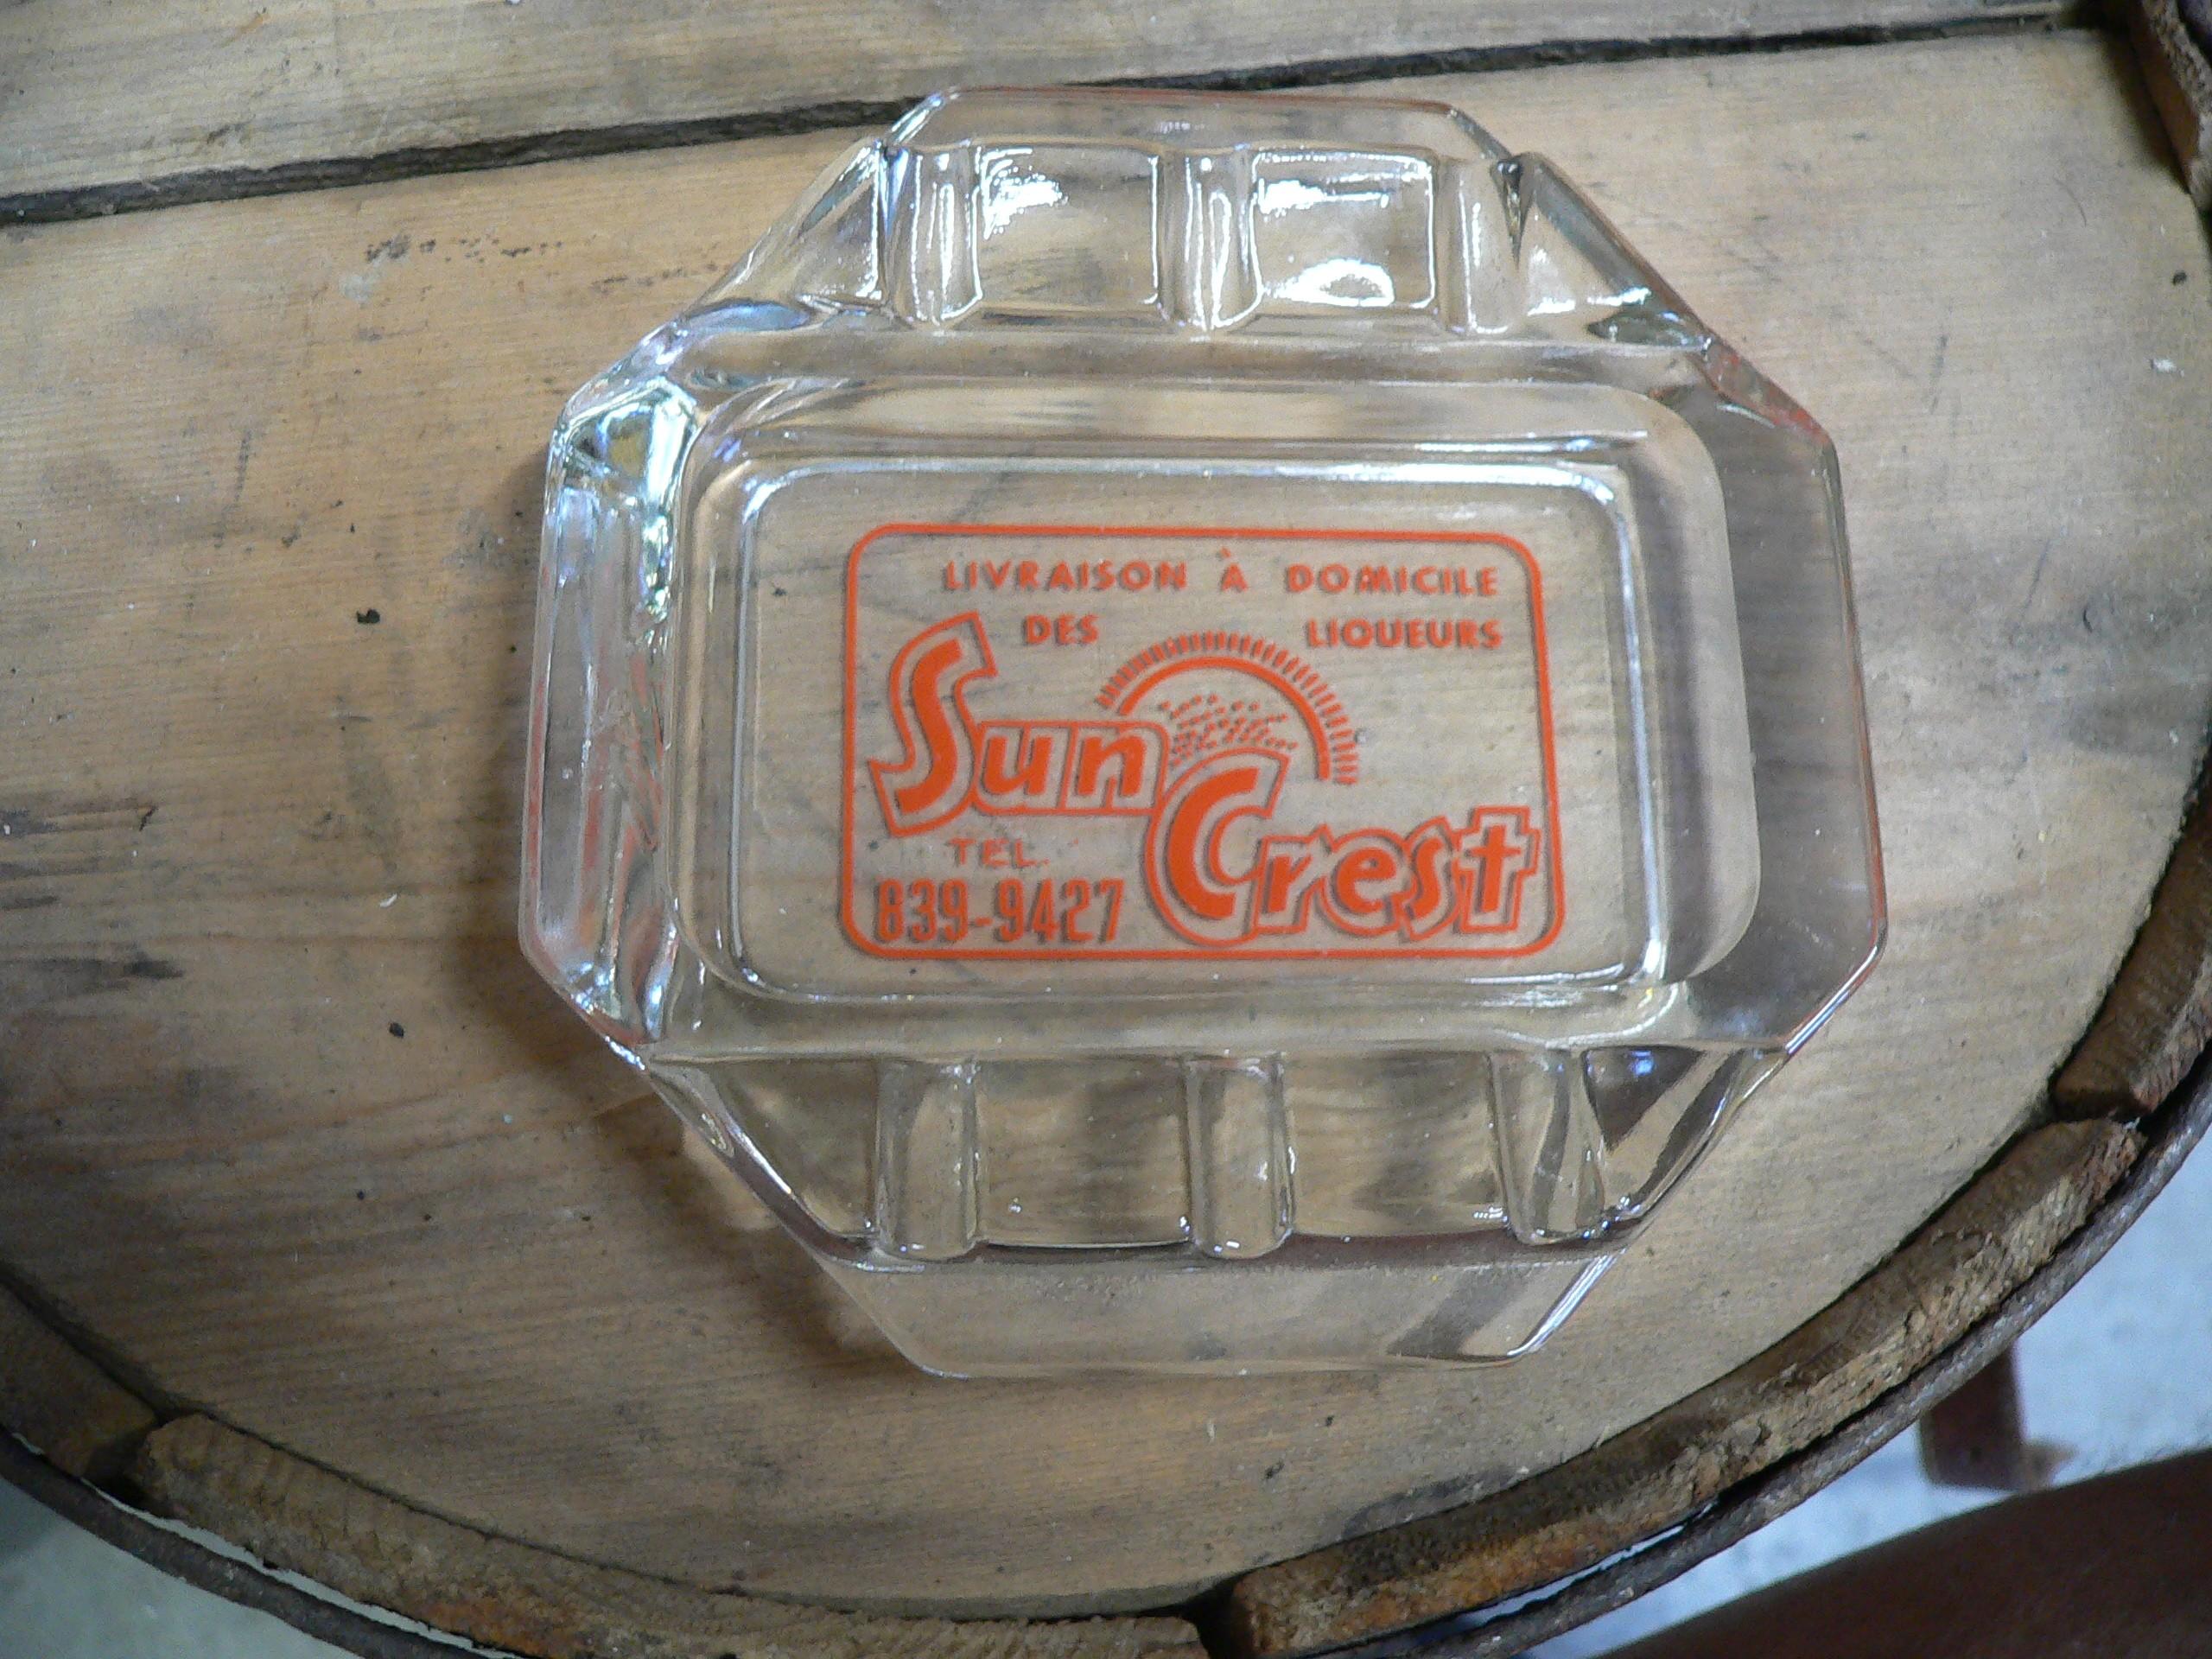 Cendrier antique sun crest # 7220.2